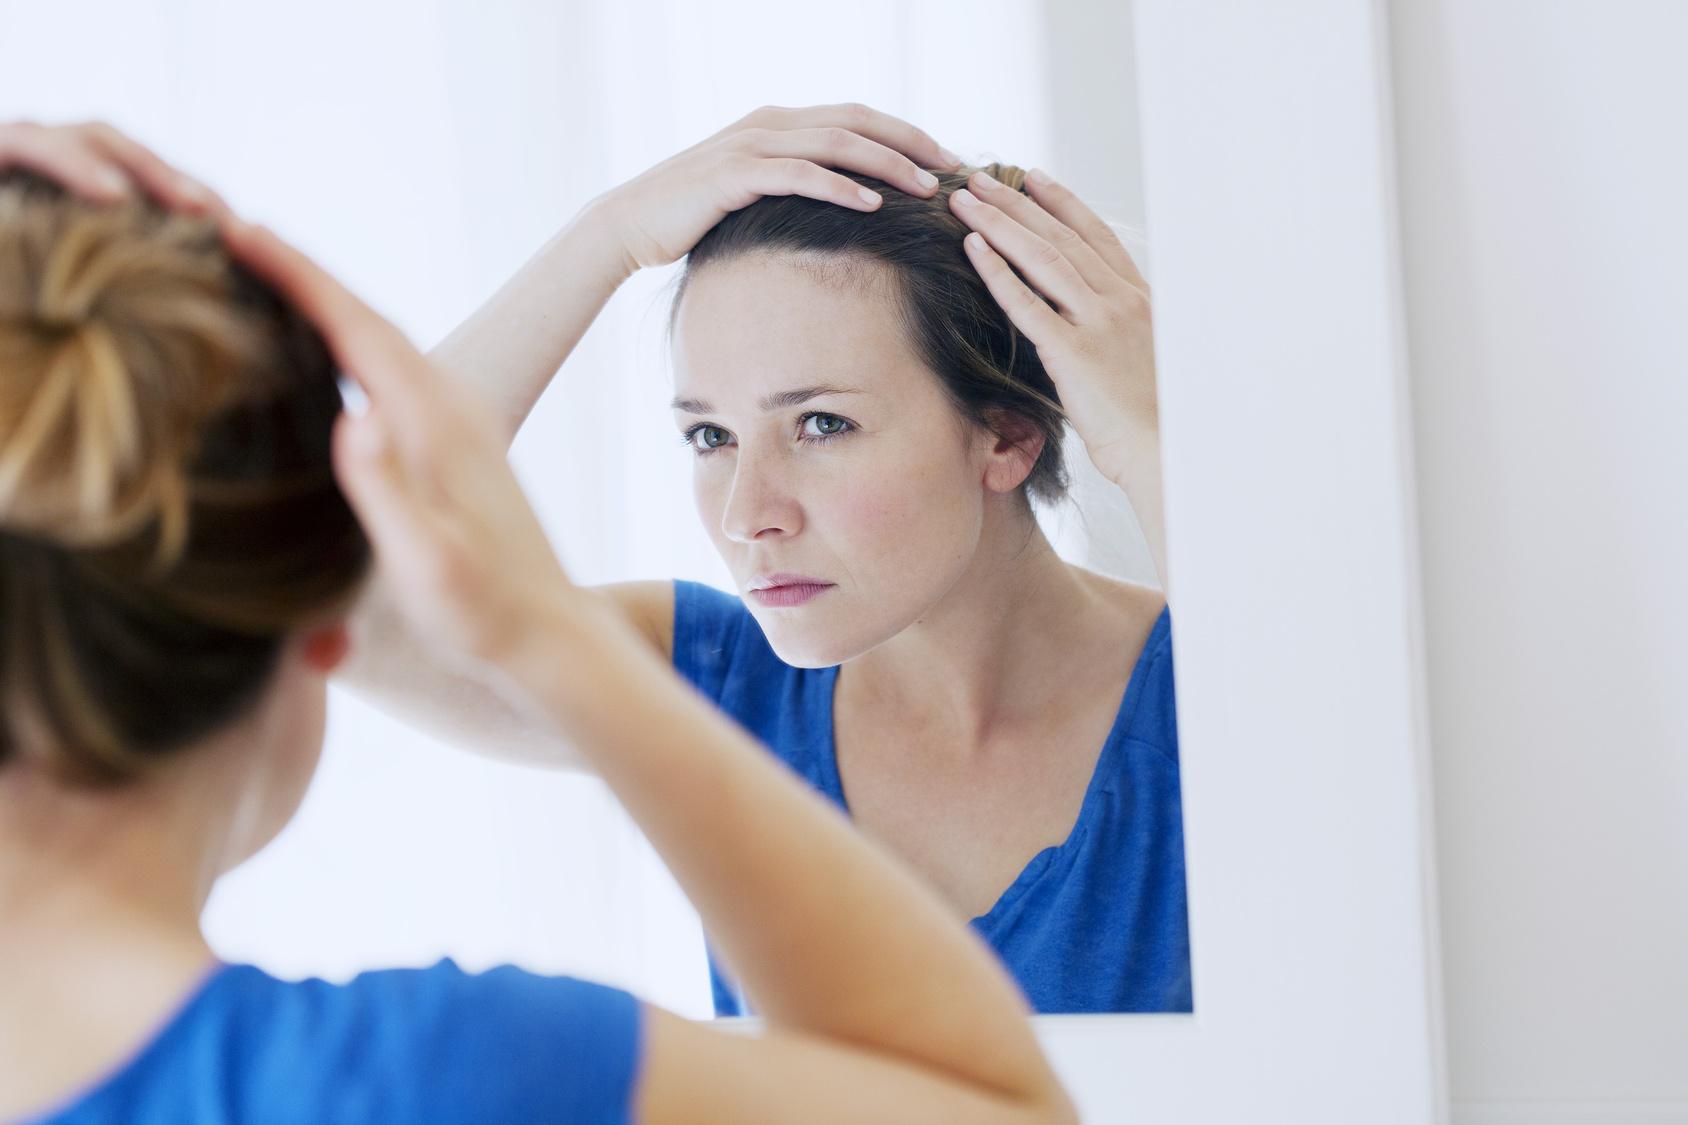 Haarausfall Bei Frauen Endlich Stoppen Welche Mittel Helfen Nth